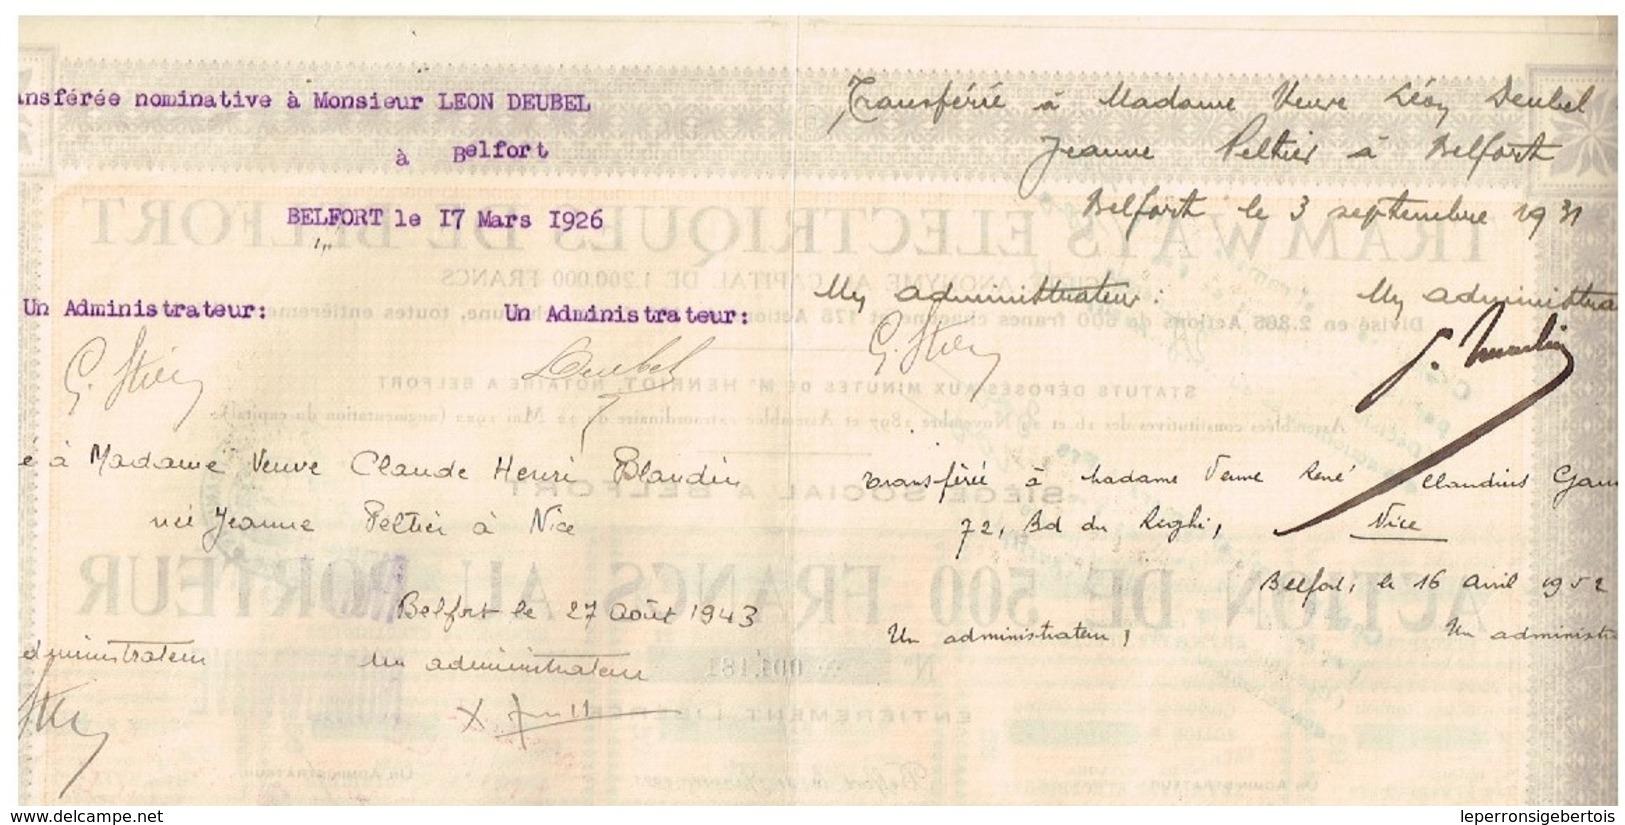 Action Ancienne - Tramways Electriques De Belfort - Titre De 1923 - N° 001181 - Chemin De Fer & Tramway